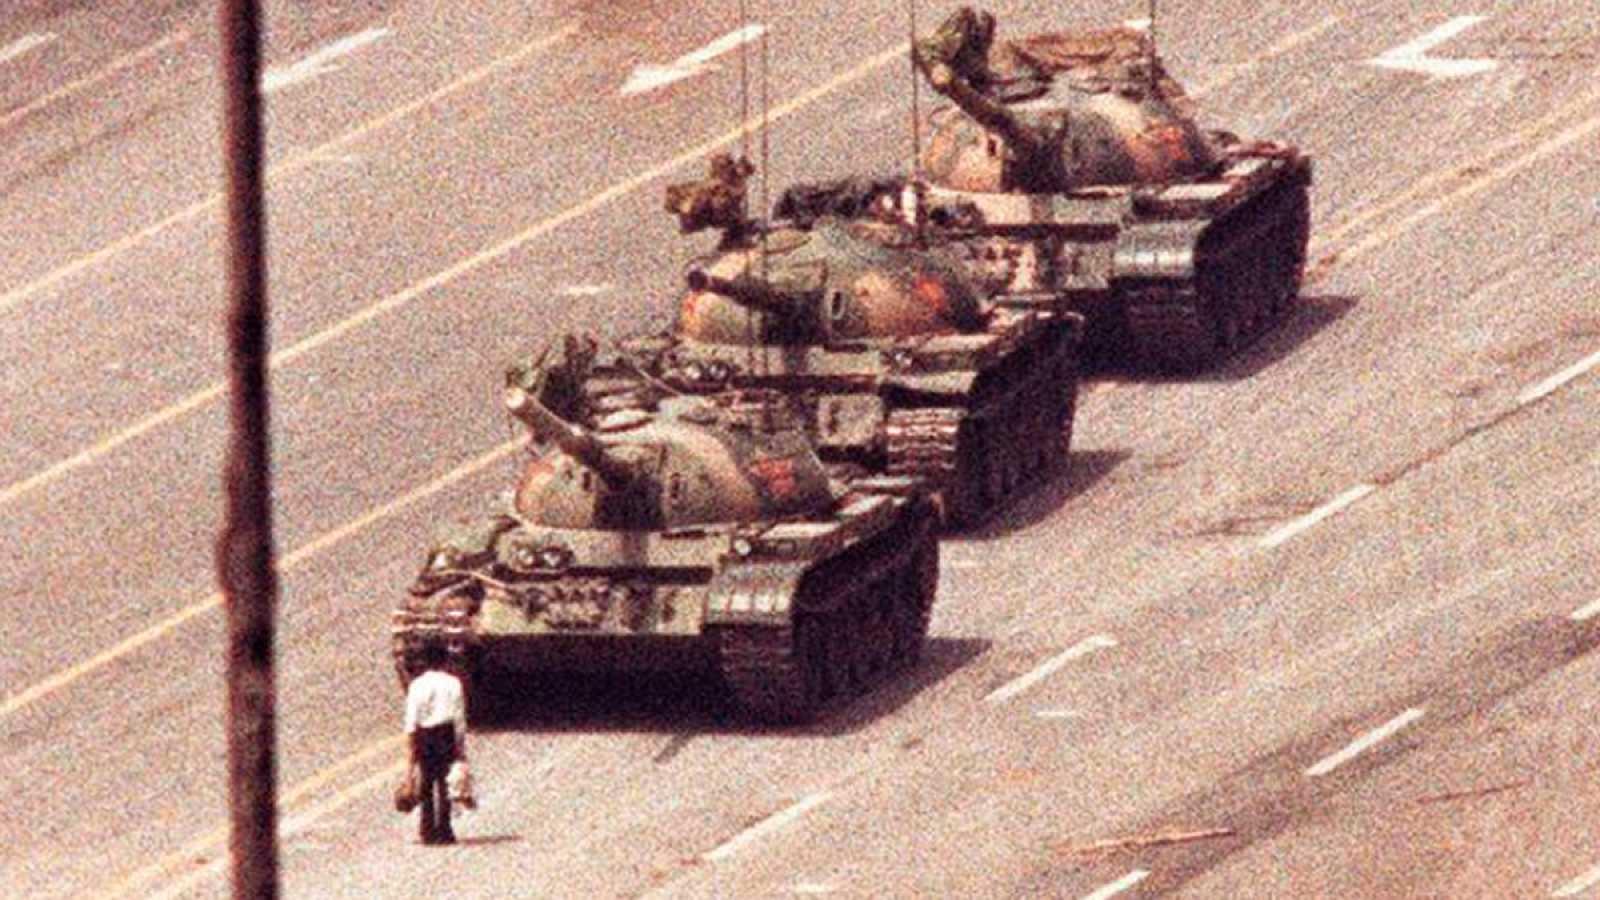 La masacre de Tiananmen, una matanza silenciada en China 30 años después